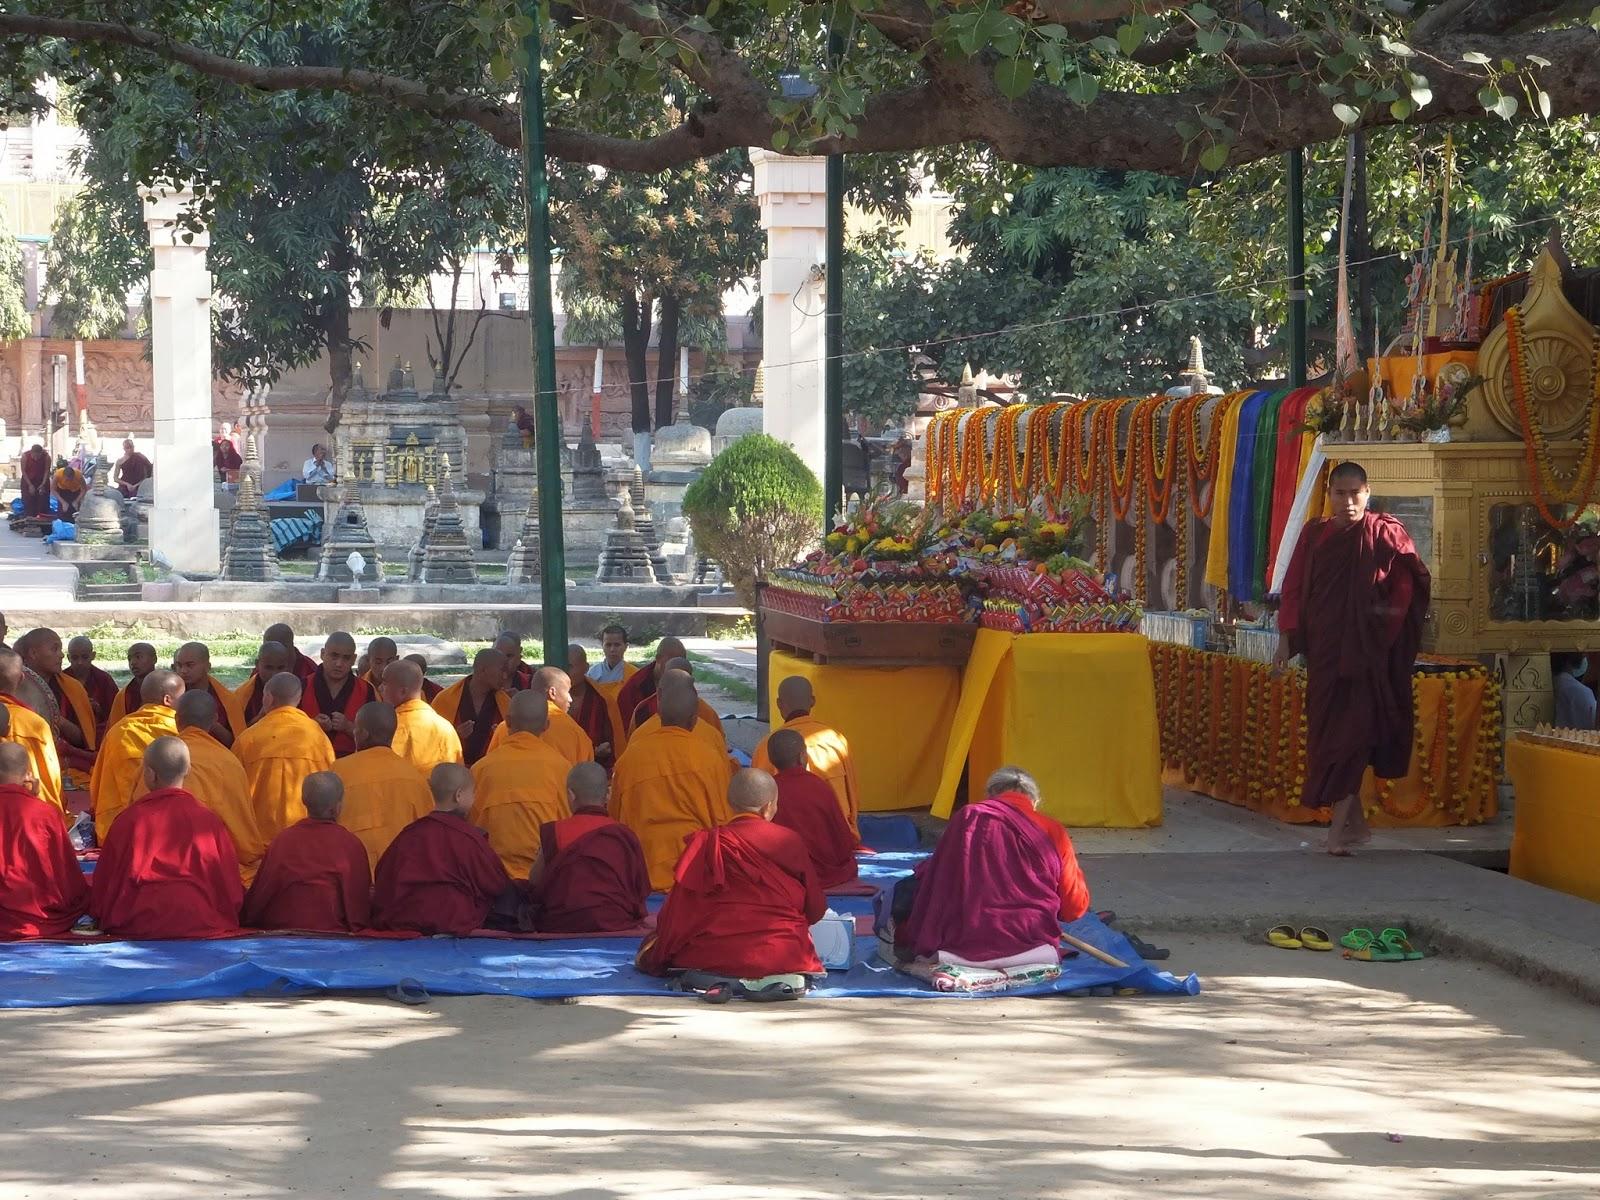 буддистские монахи проводят религиозный обряд